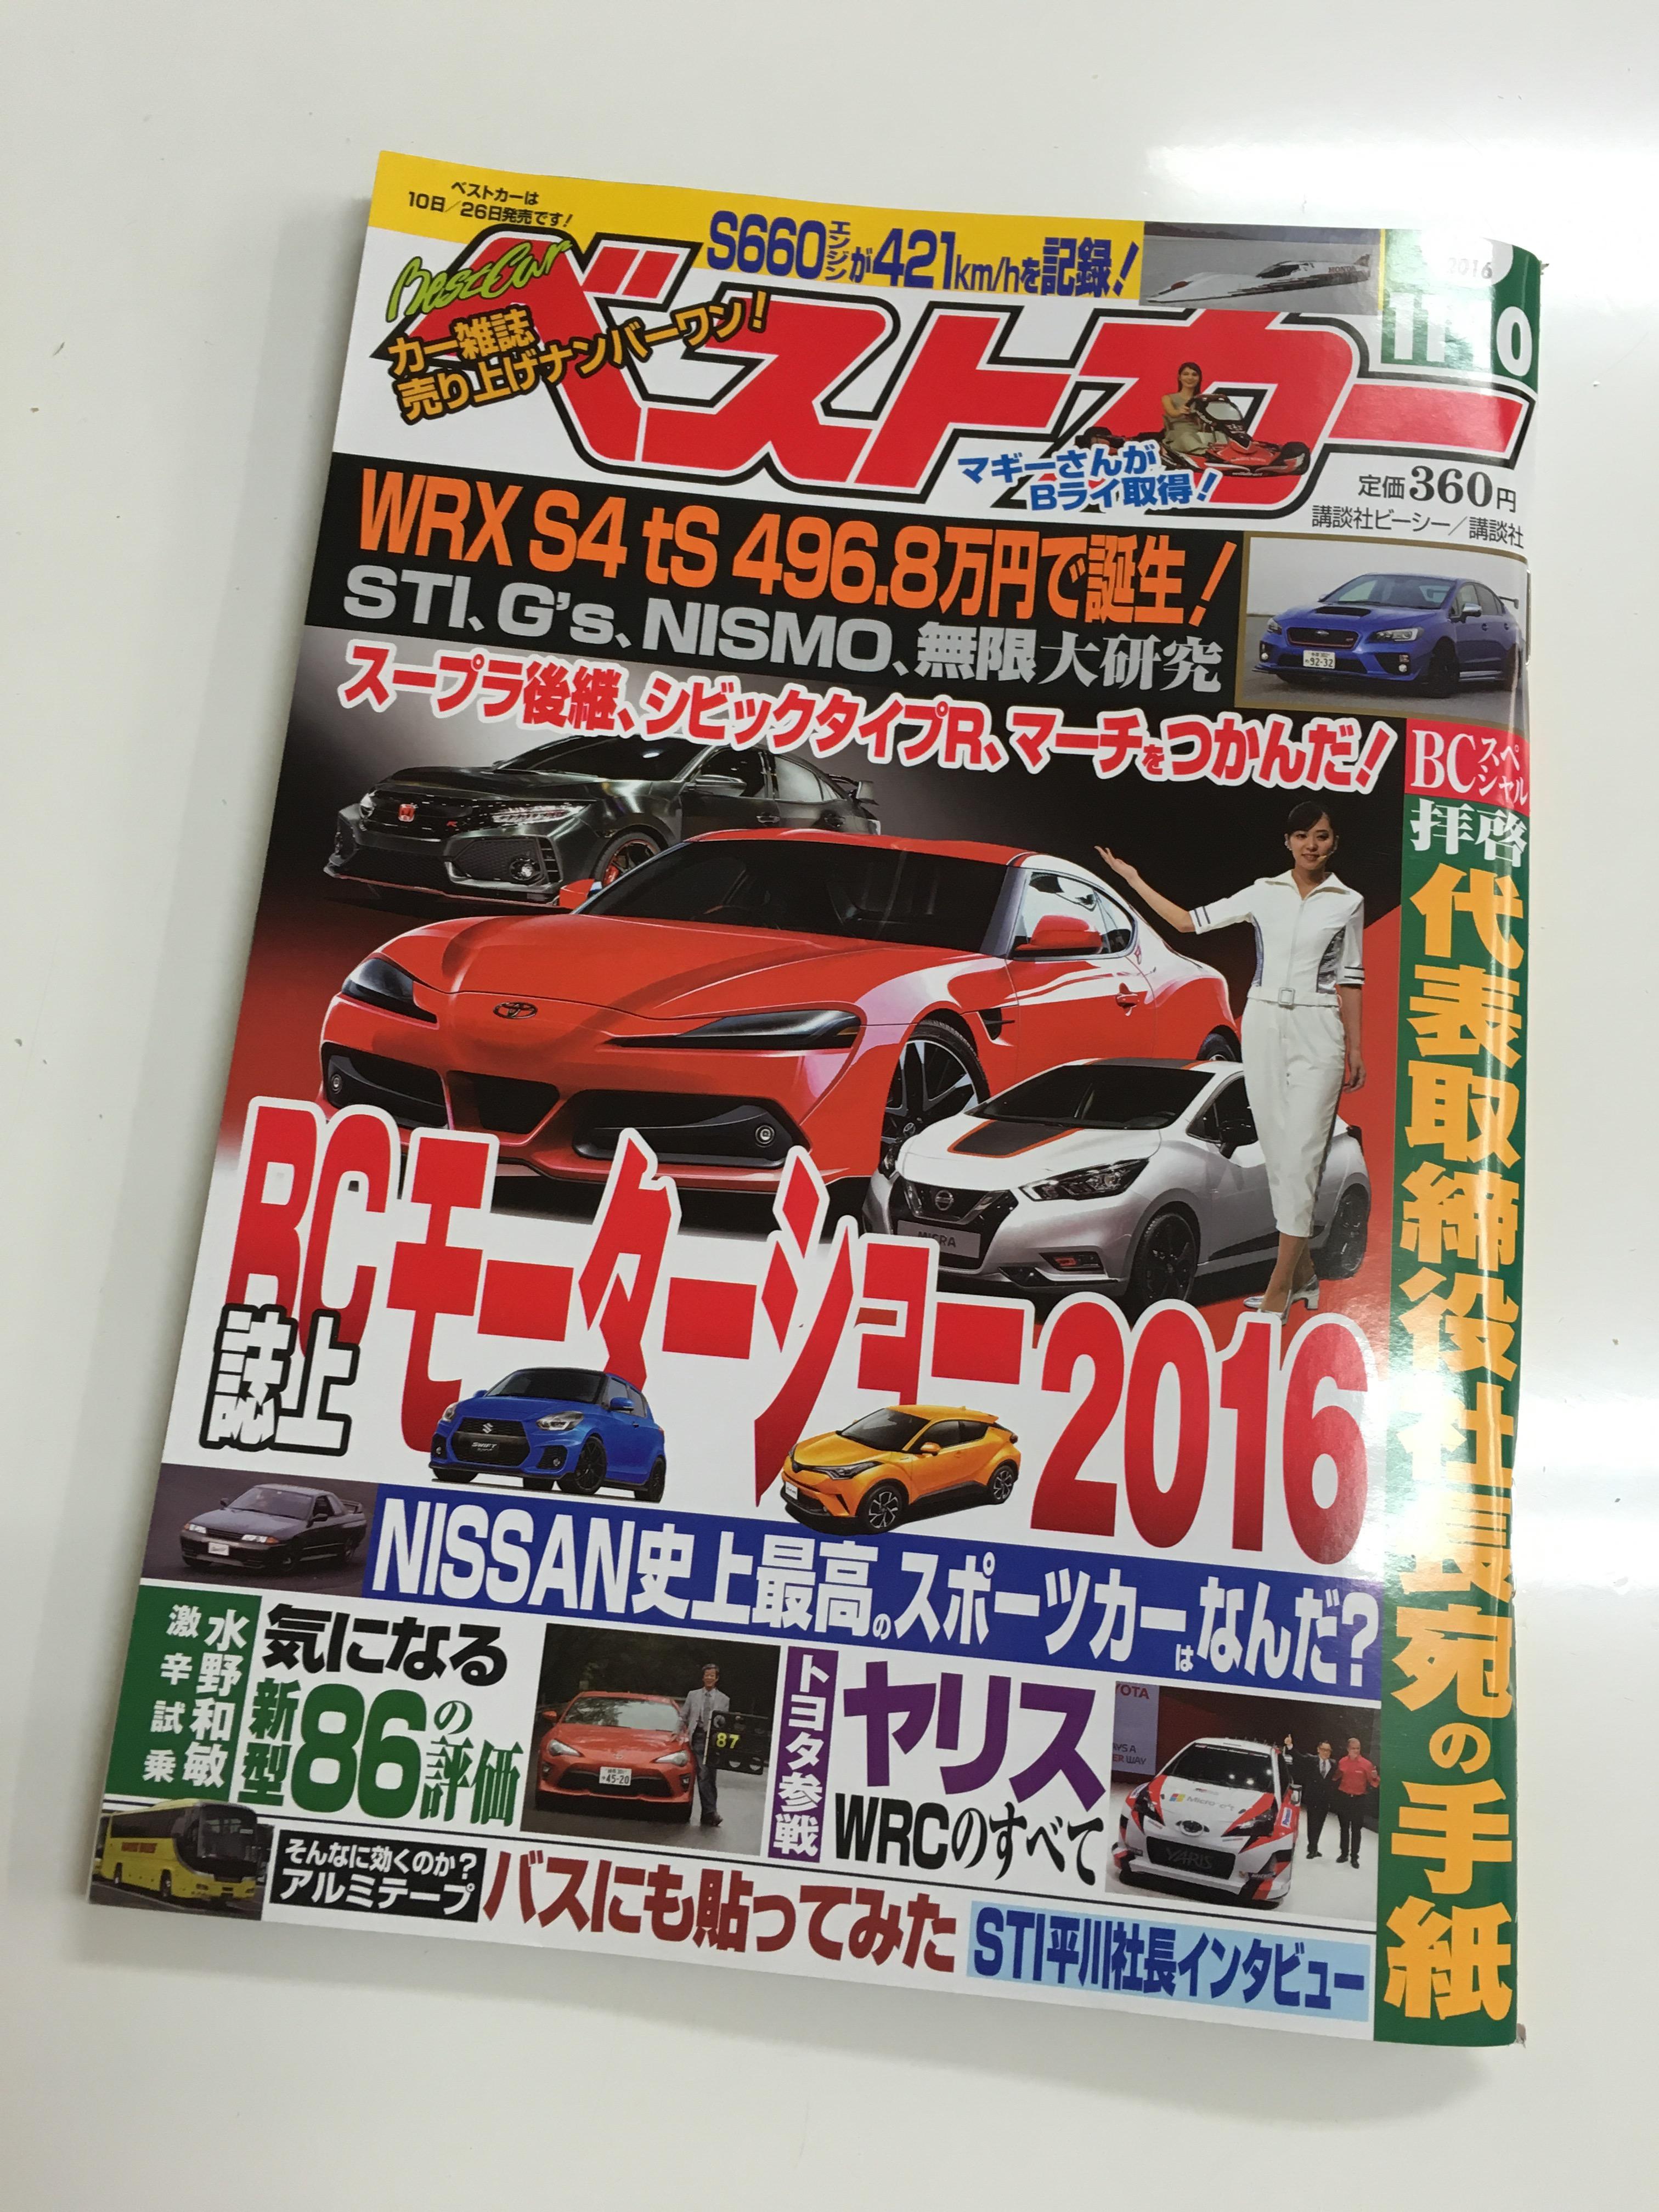 車の情報を得るにはネットより雑誌がオススメです!